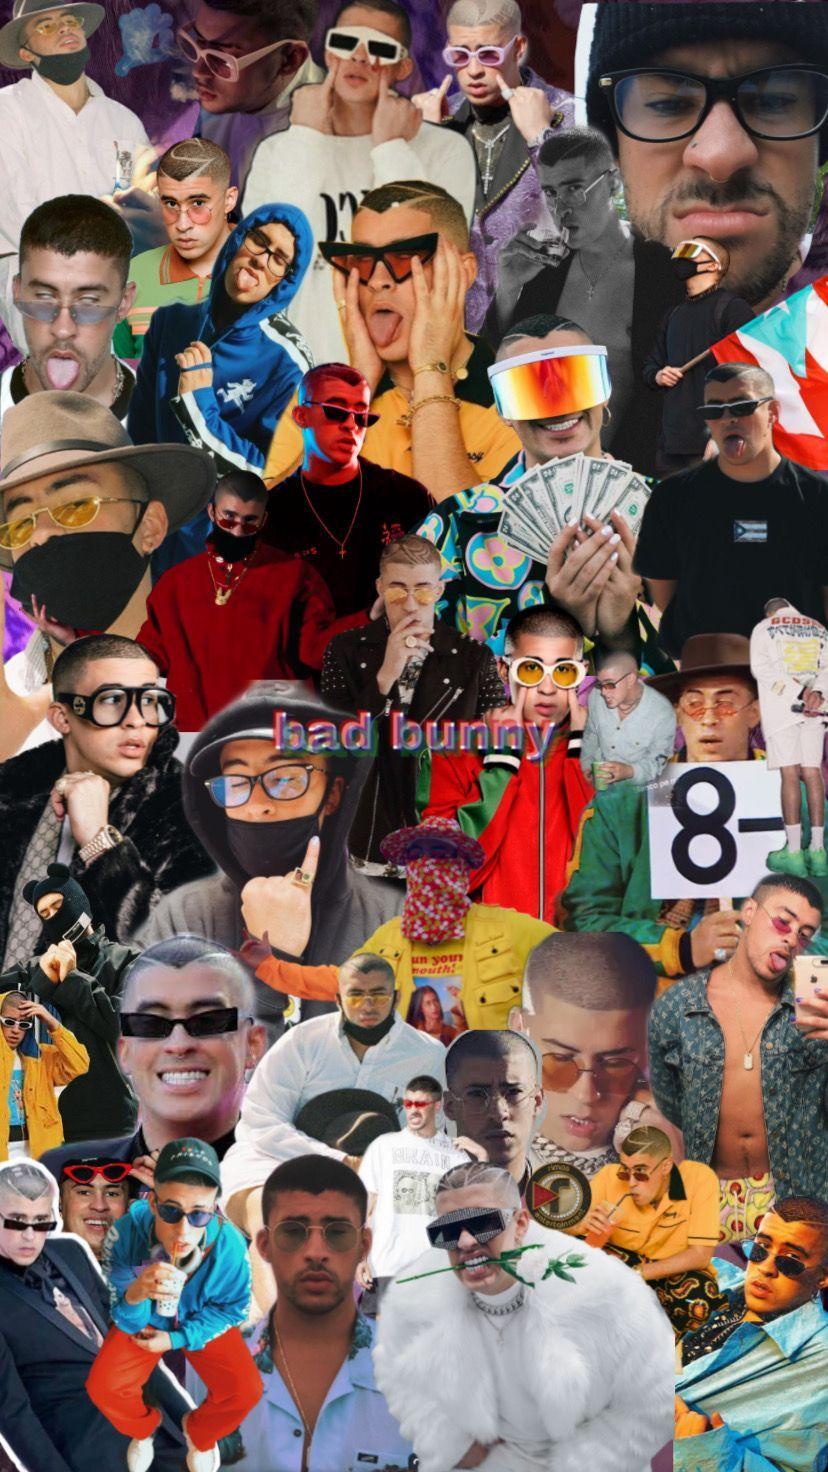 Bad bunny wallpaper en 2020 (con imágenes) Fotos de bad